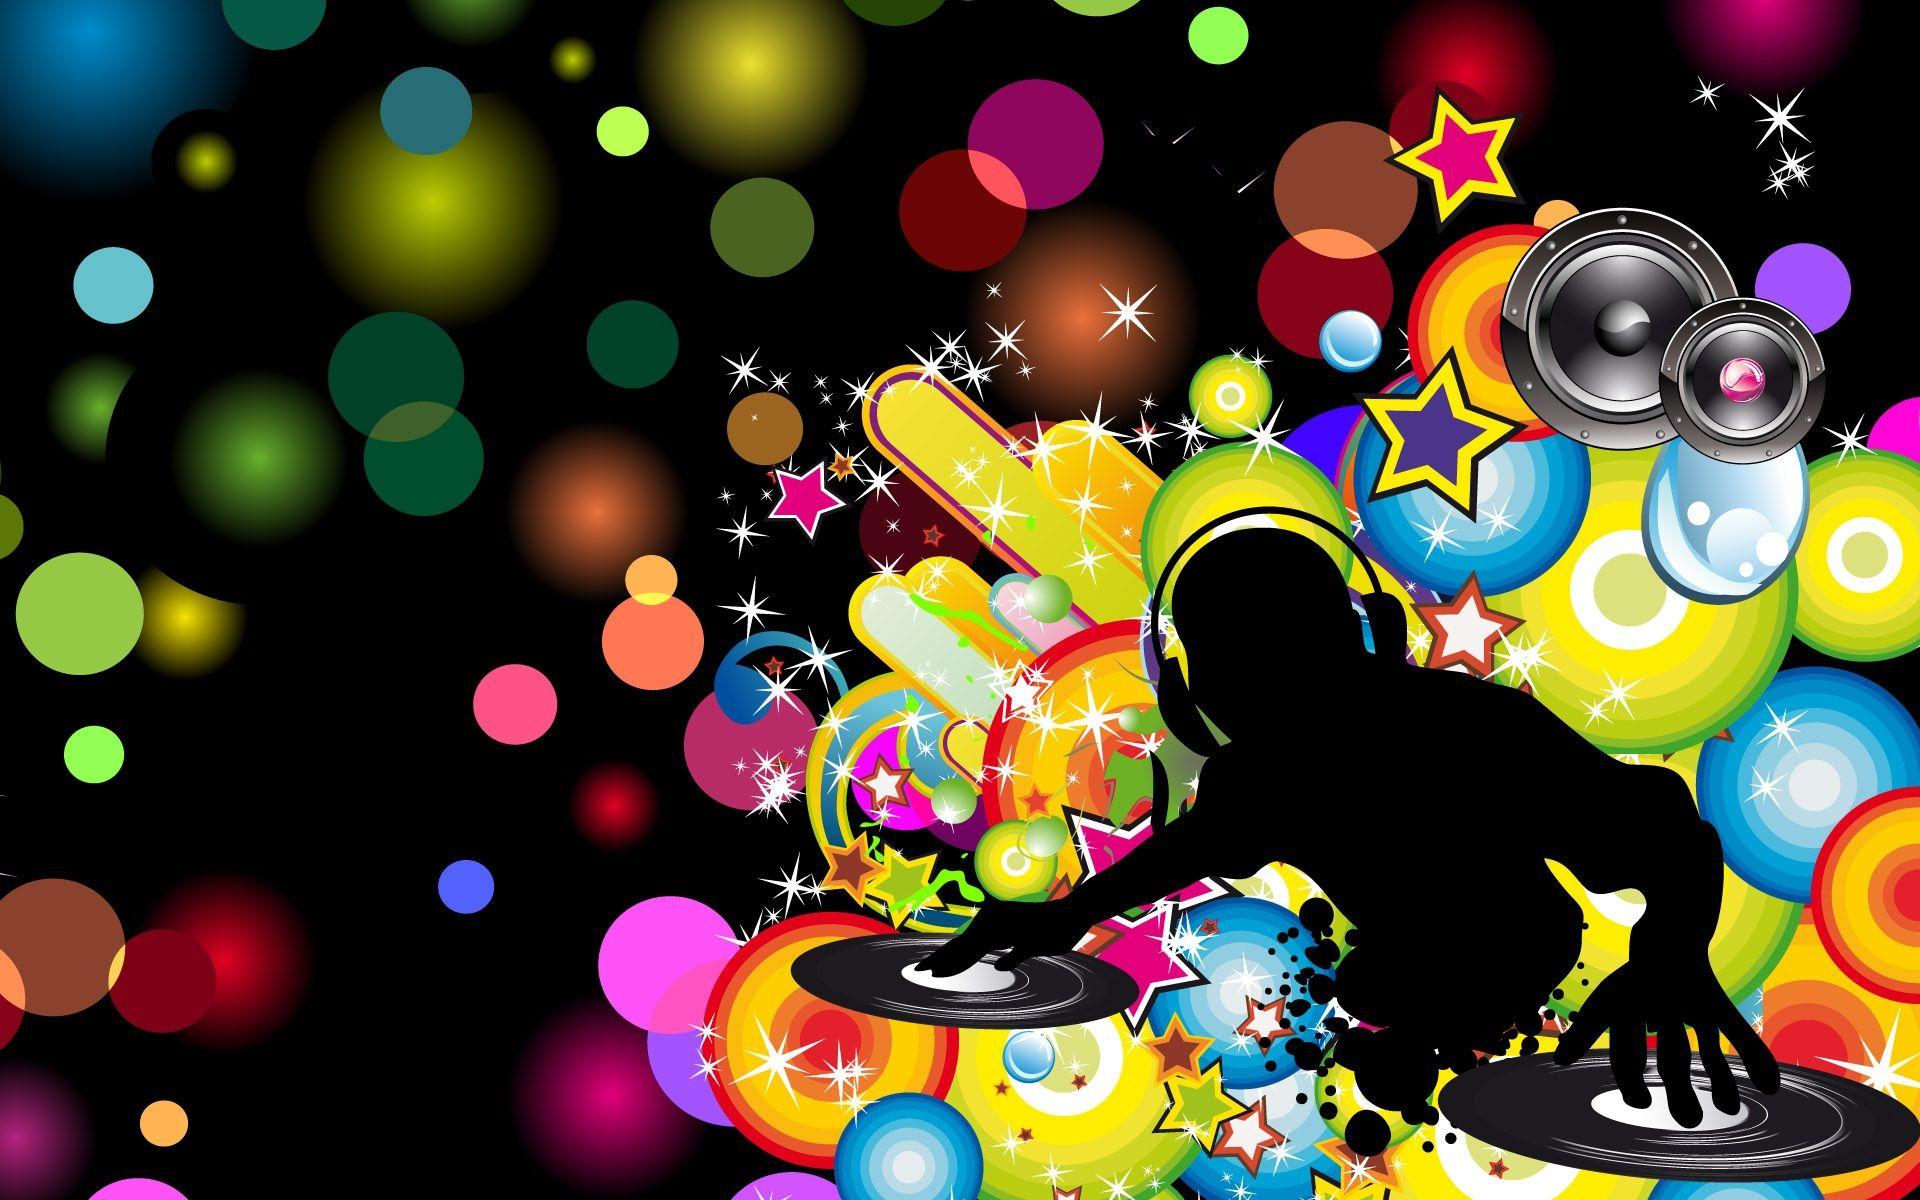 Cute Wallpaper Graphic Design Music 2021 Live Wallpaper Hd Music Wallpaper Dj Images Music Backgrounds